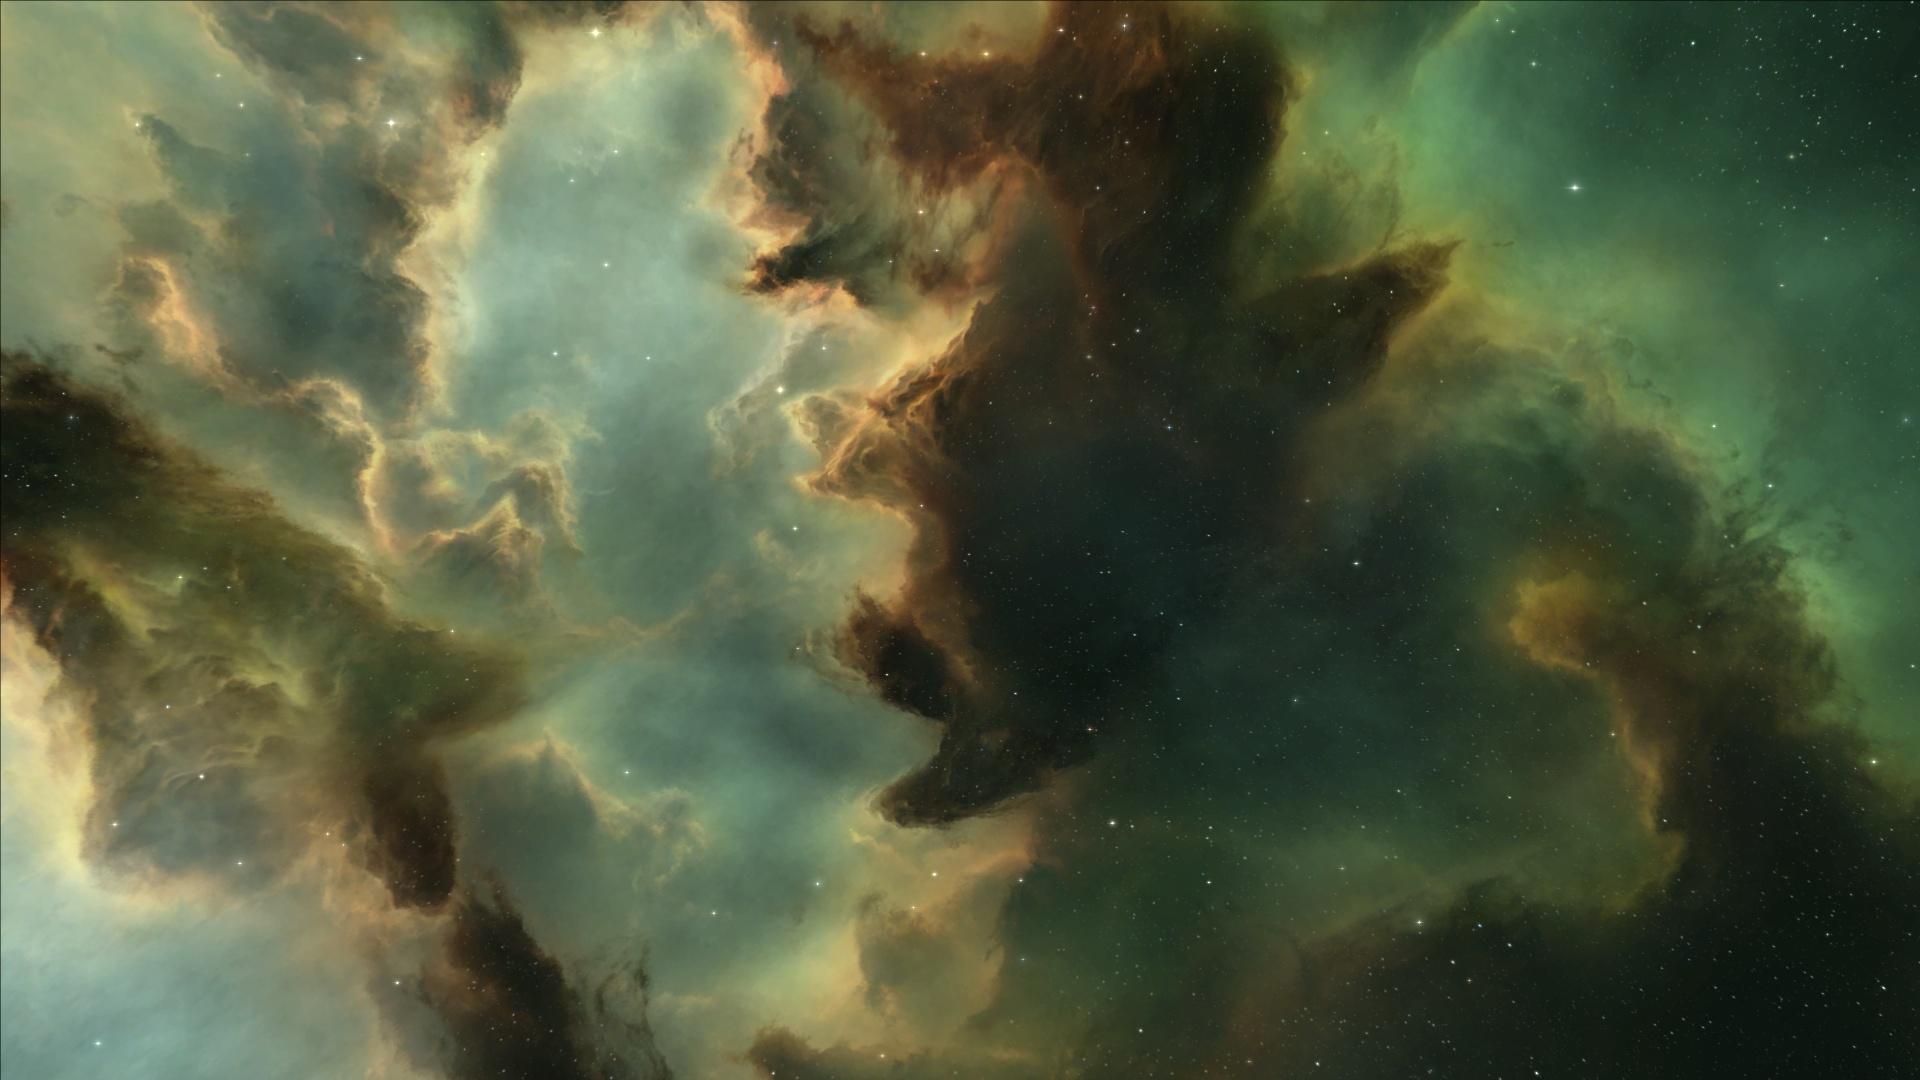 nebula background tumblr - photo #36